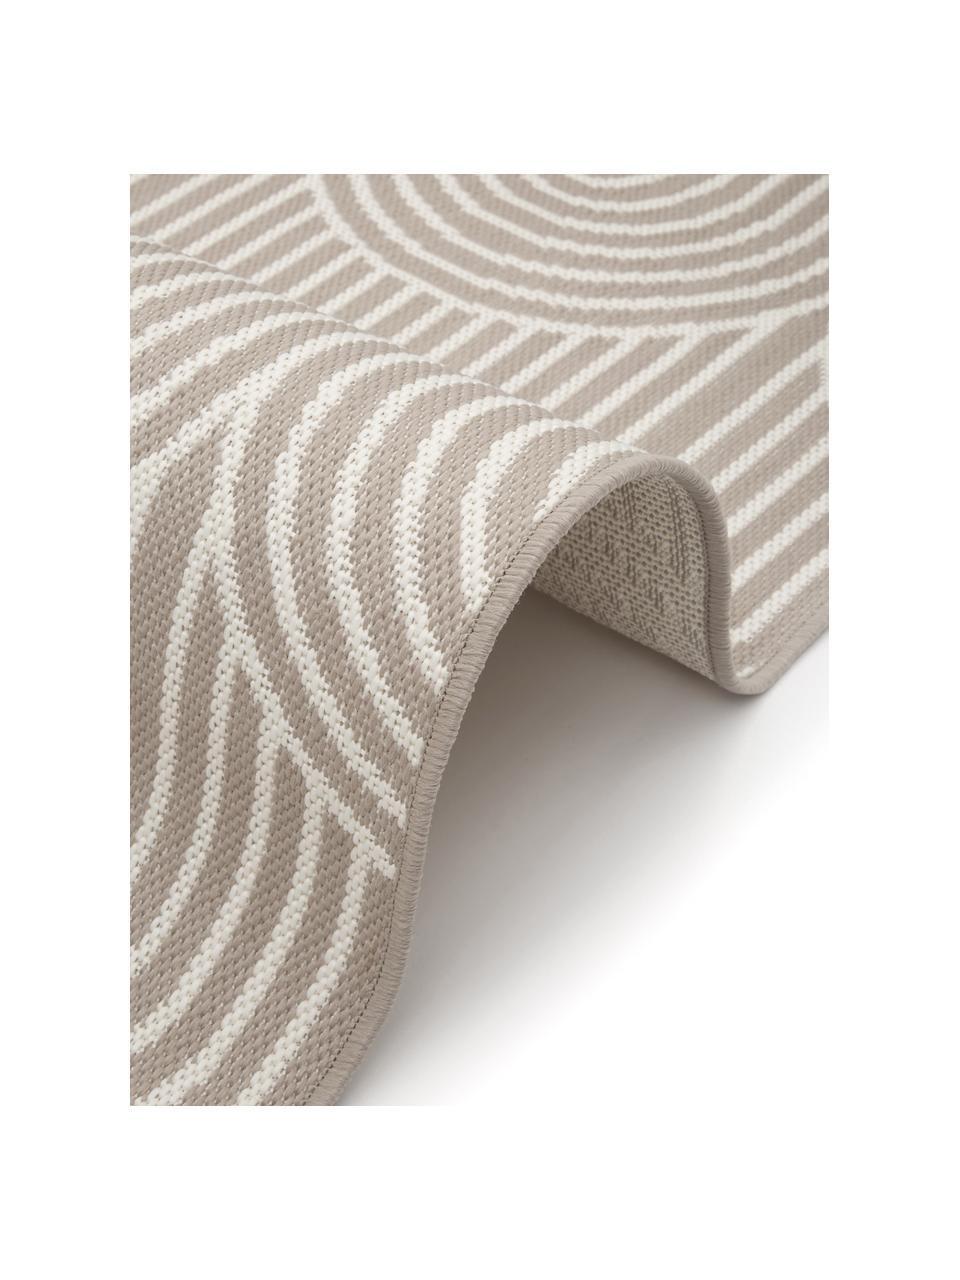 Dywan wewnętrzny/zewnętrzny Arches, 86% polipropylen, 14% poliester, Beżowy, biały, S 200 x D 290 cm (Rozmiar L)